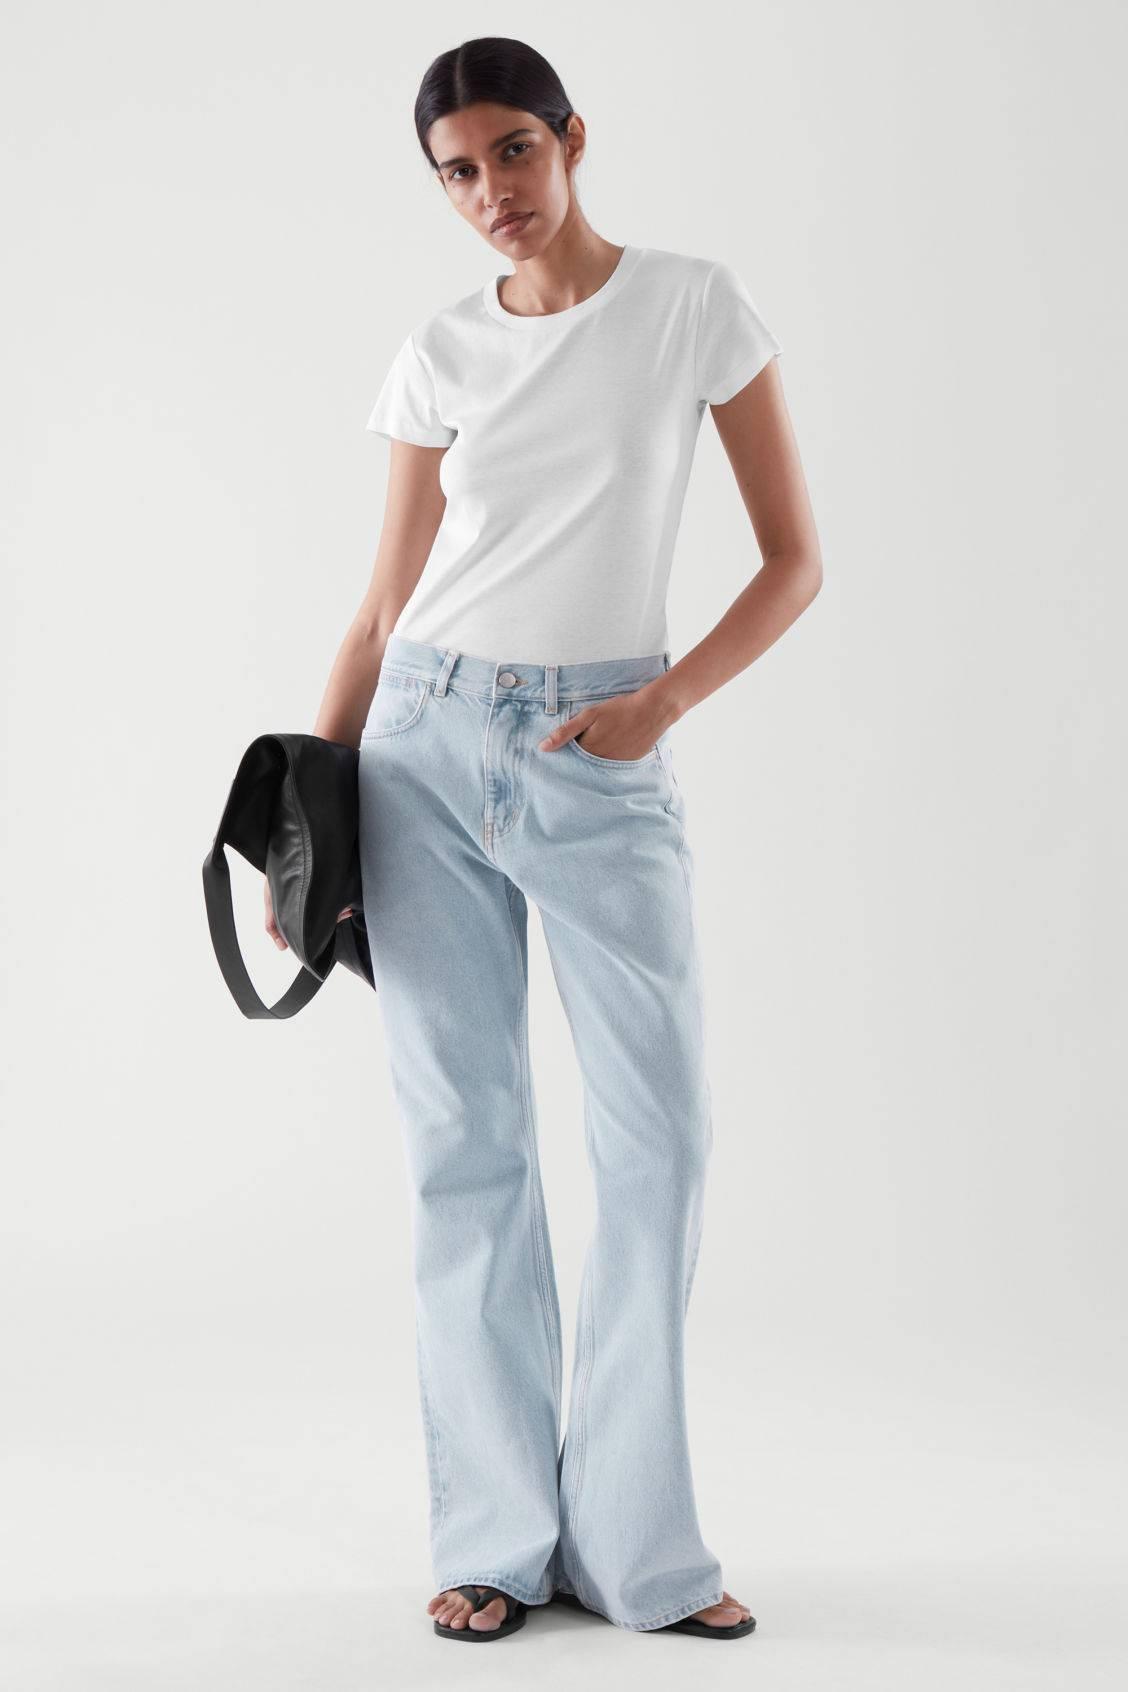 Какая модель джинсов вернулась в моду в 2021 году  - фото 5